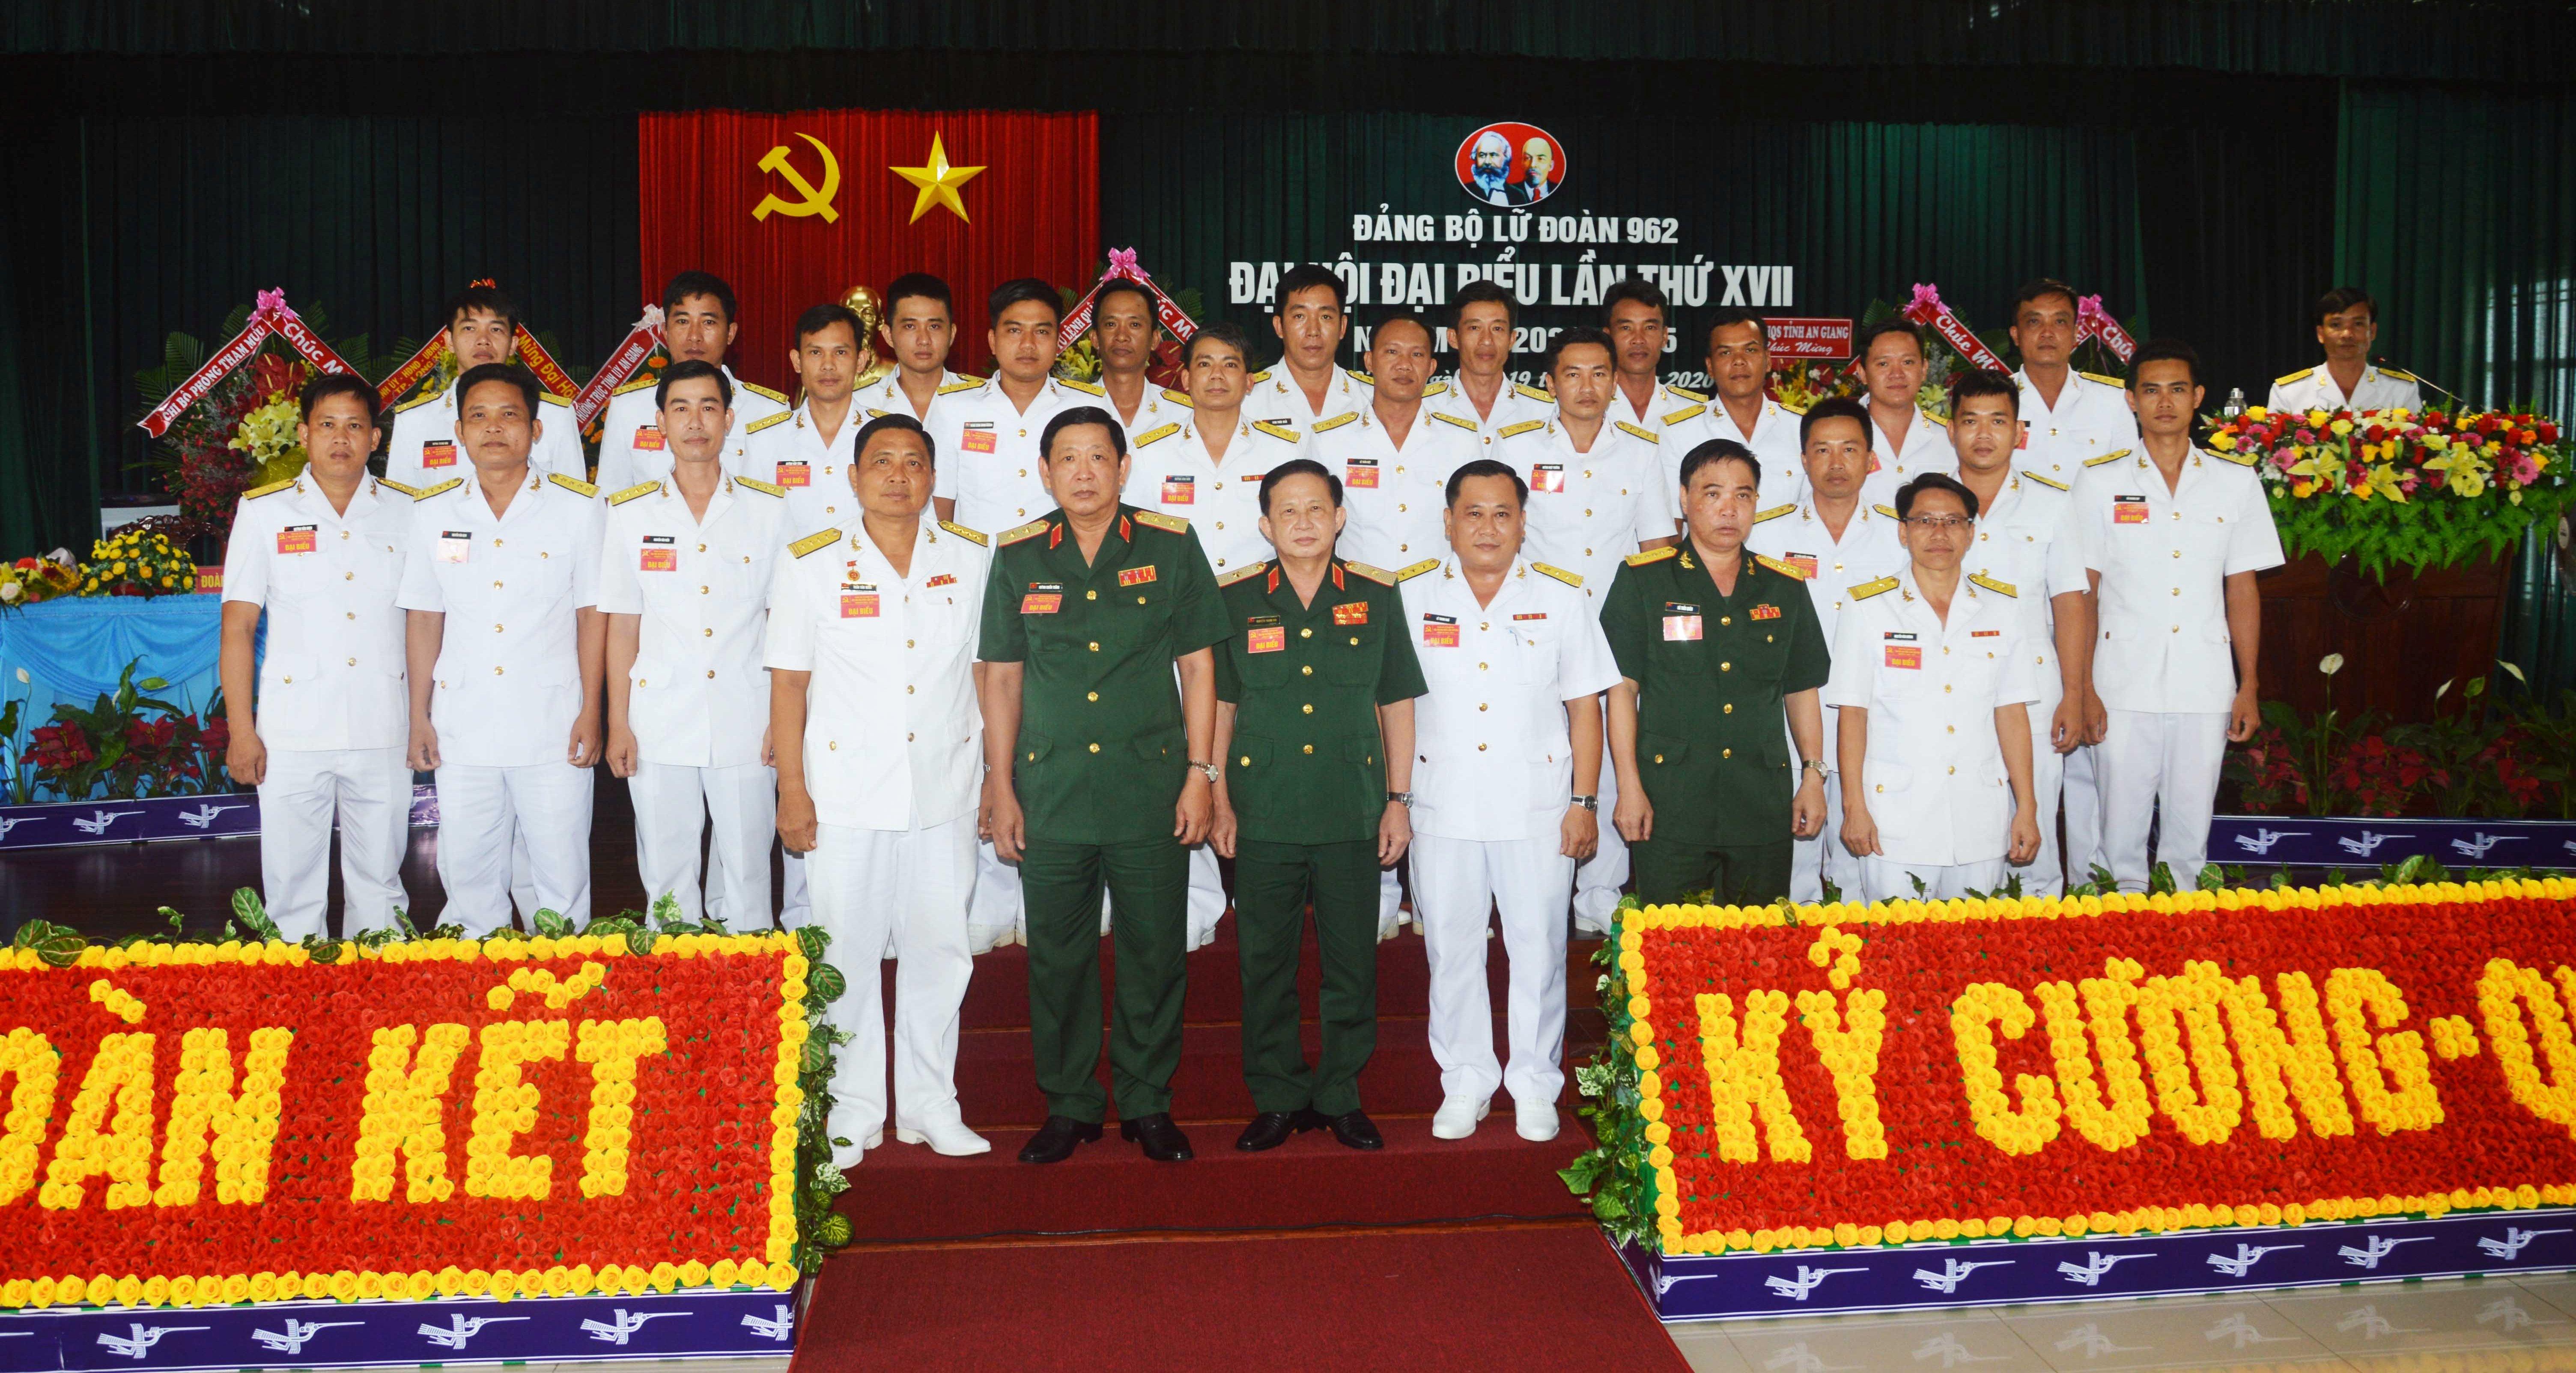 Đảng bộ Lữ đoàn 962 tổ chức thành công Đại hội lần thứ XVII